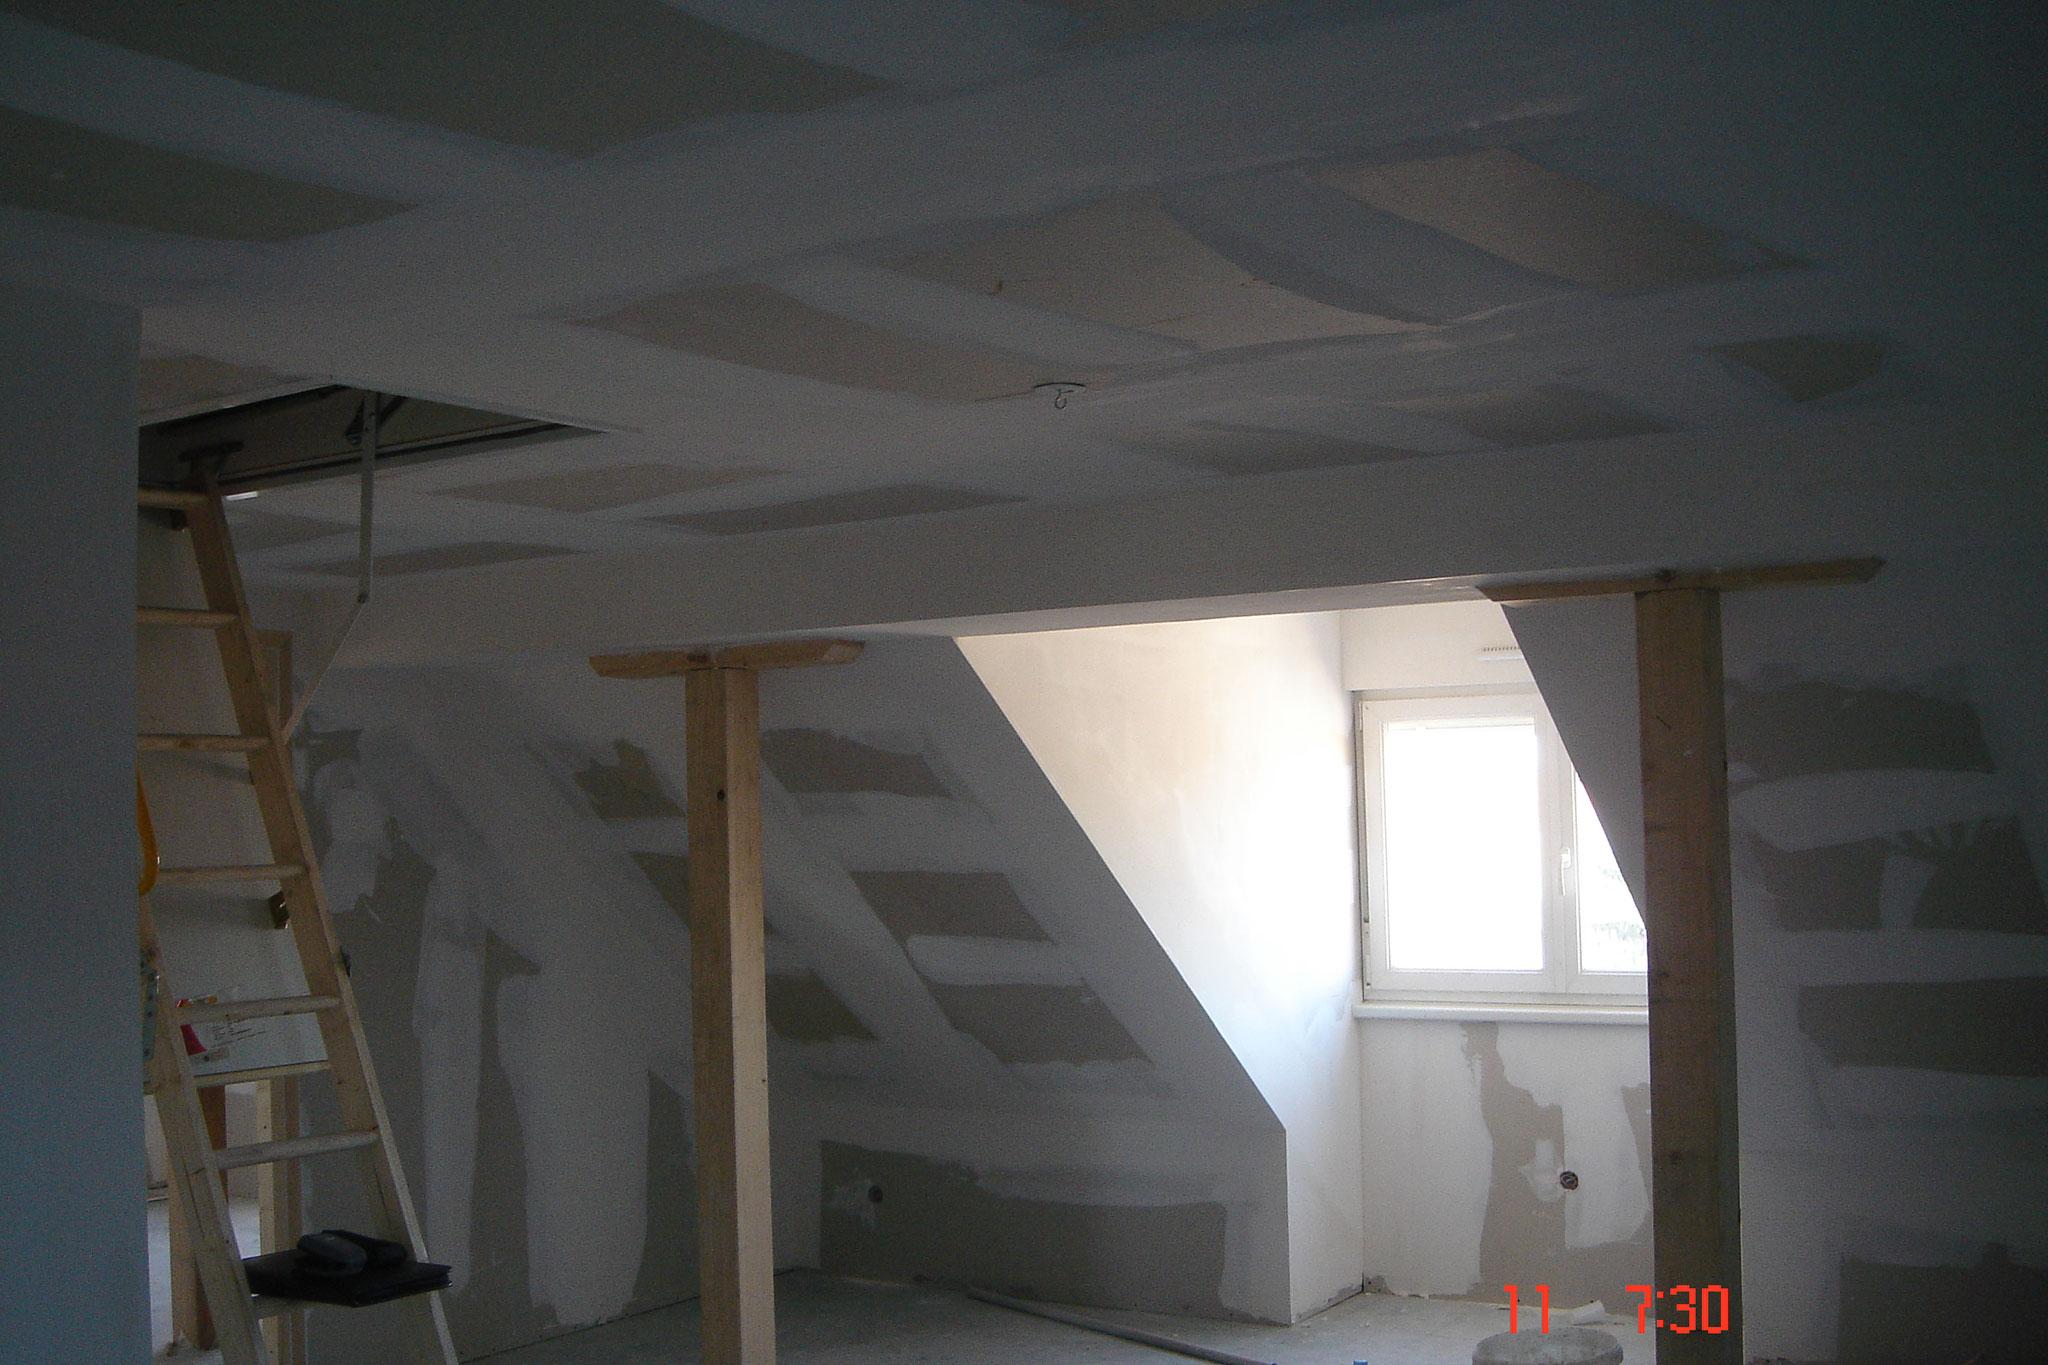 Une finition de joues de fenêtre et faux-plafond avec plaque de plâtre Strasbourg 67 Activ Renovation